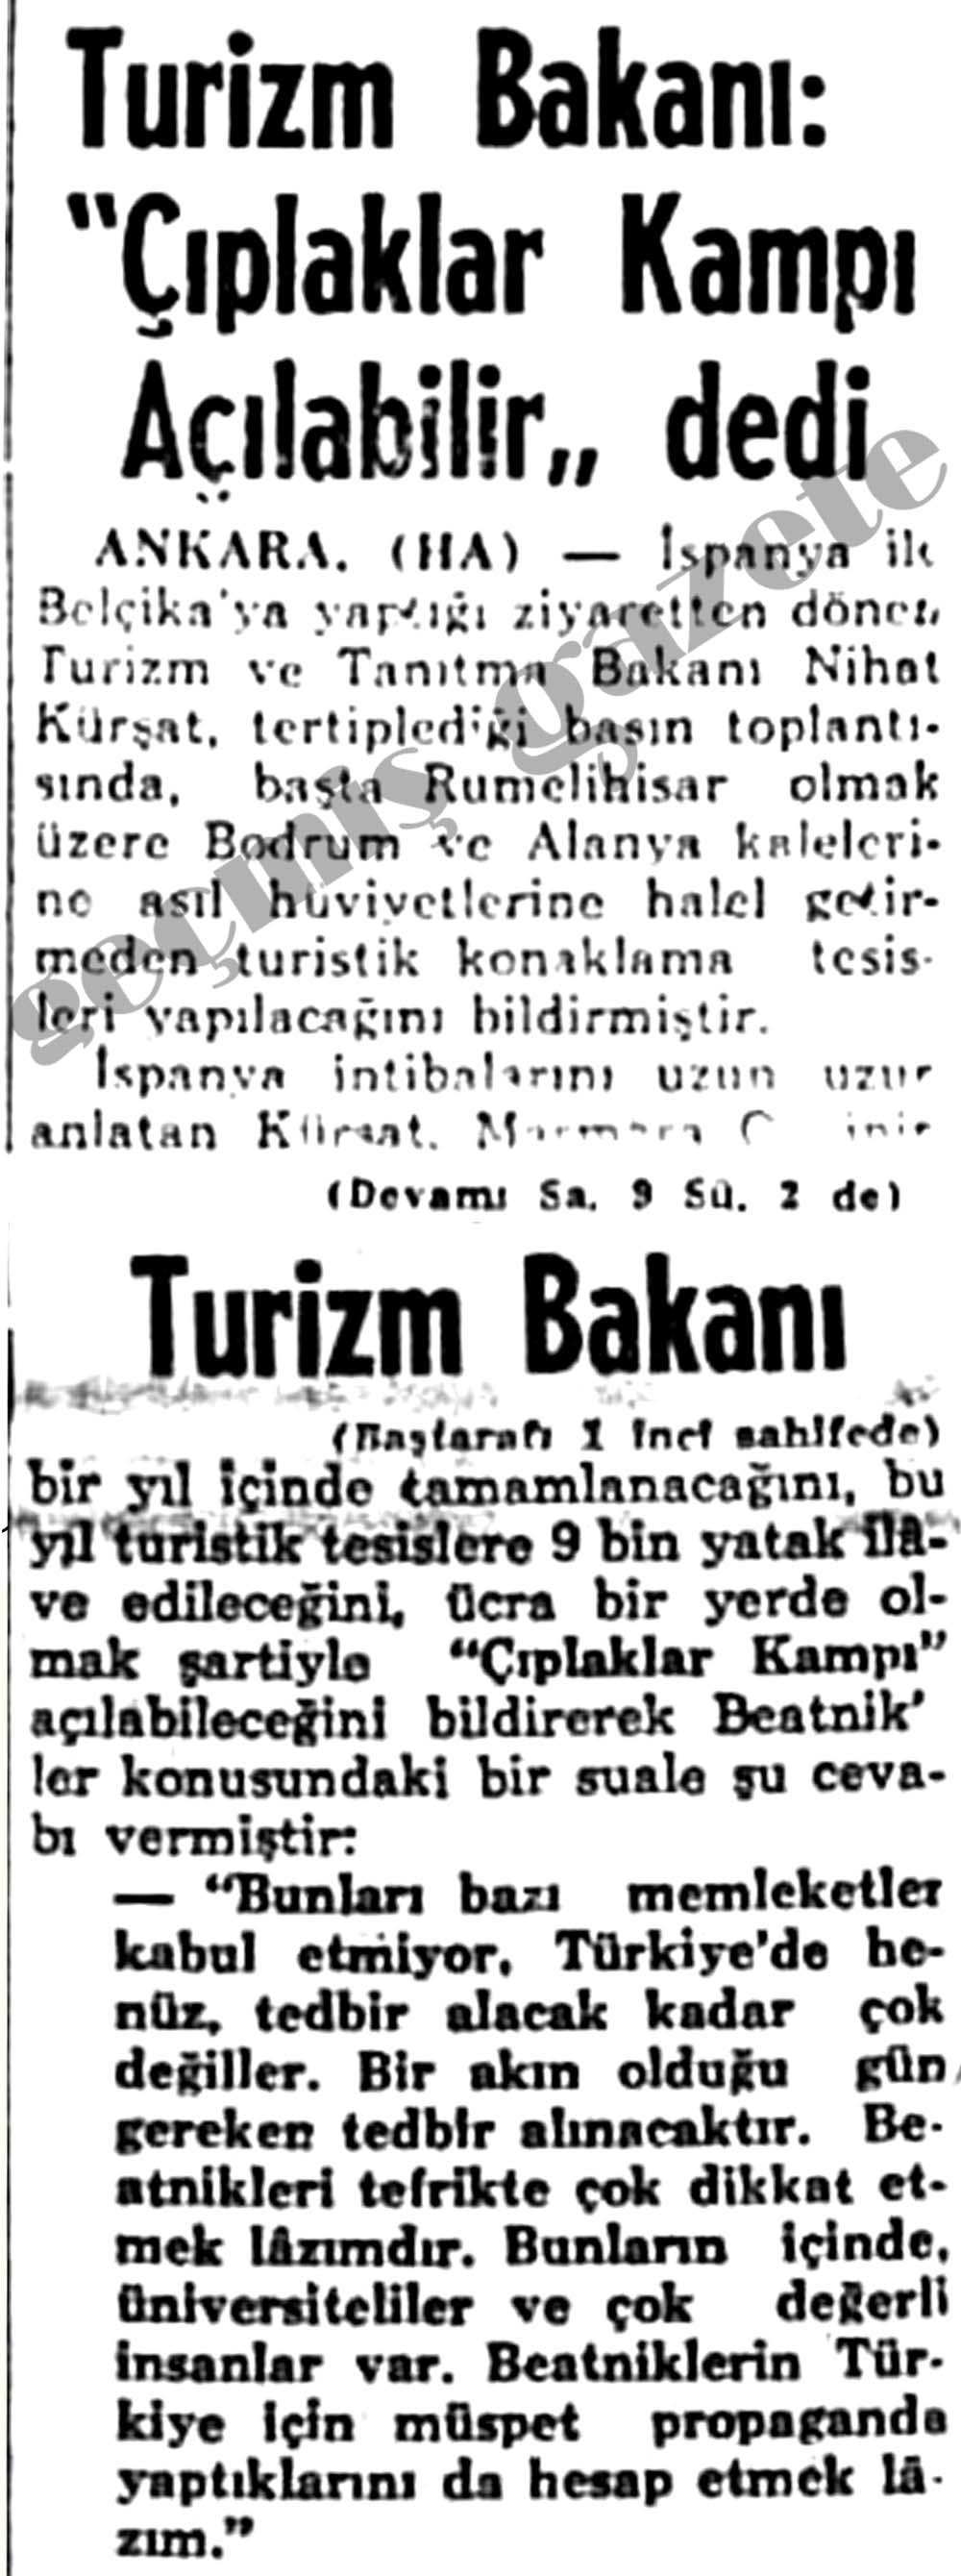 """Turizm Bakanı: """"Çıplaklar Kampı Açılabilir"""" dedi"""